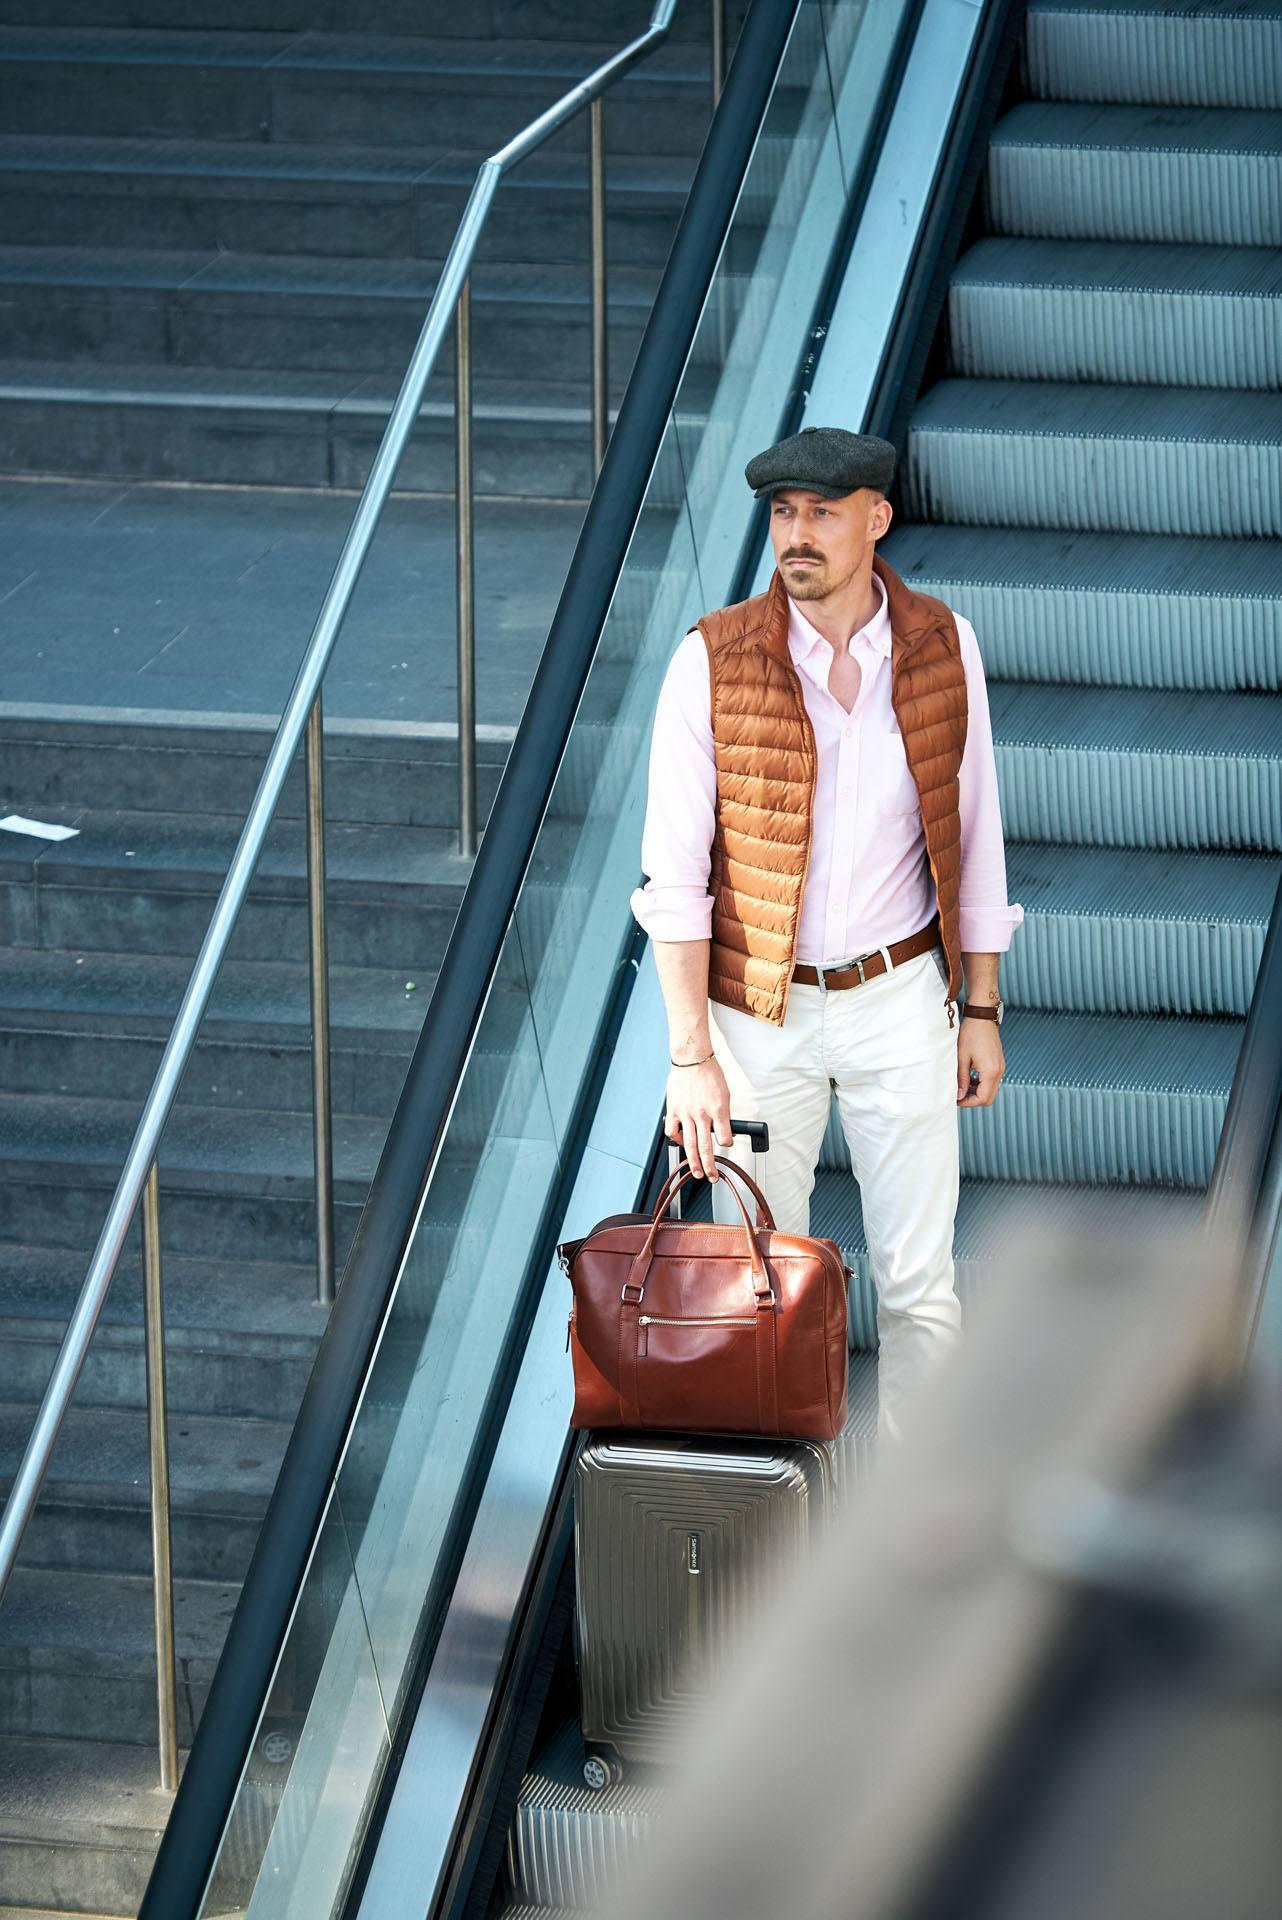 junger Mann mit Schirmmütze und Business Outfit auf einer Rolltreppe